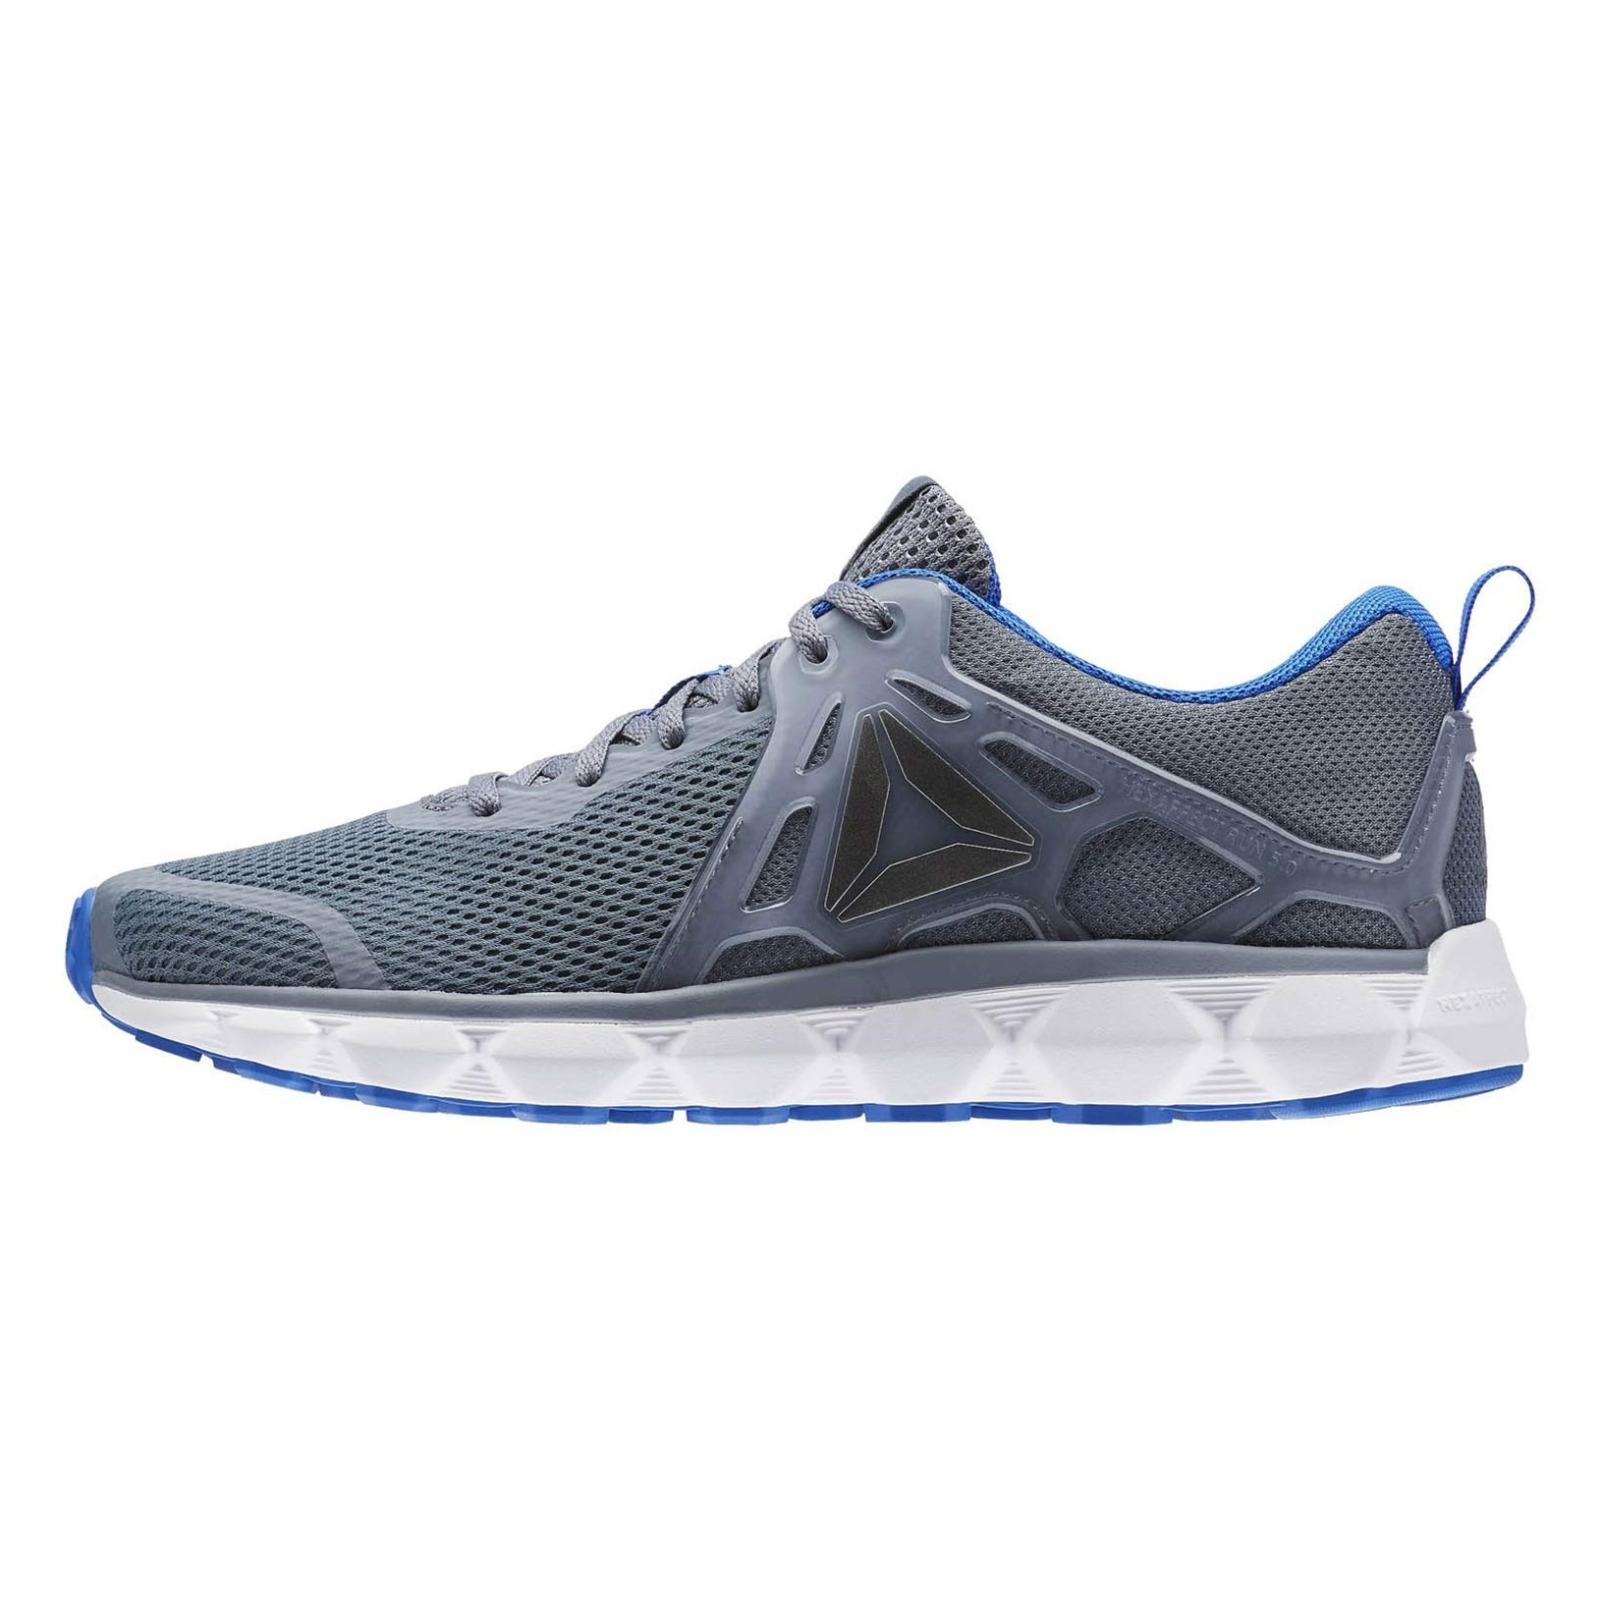 کفش دویدن بندی مردانه Hexaffect Run 5-0 Mtm - ریباک - طوسي - 3